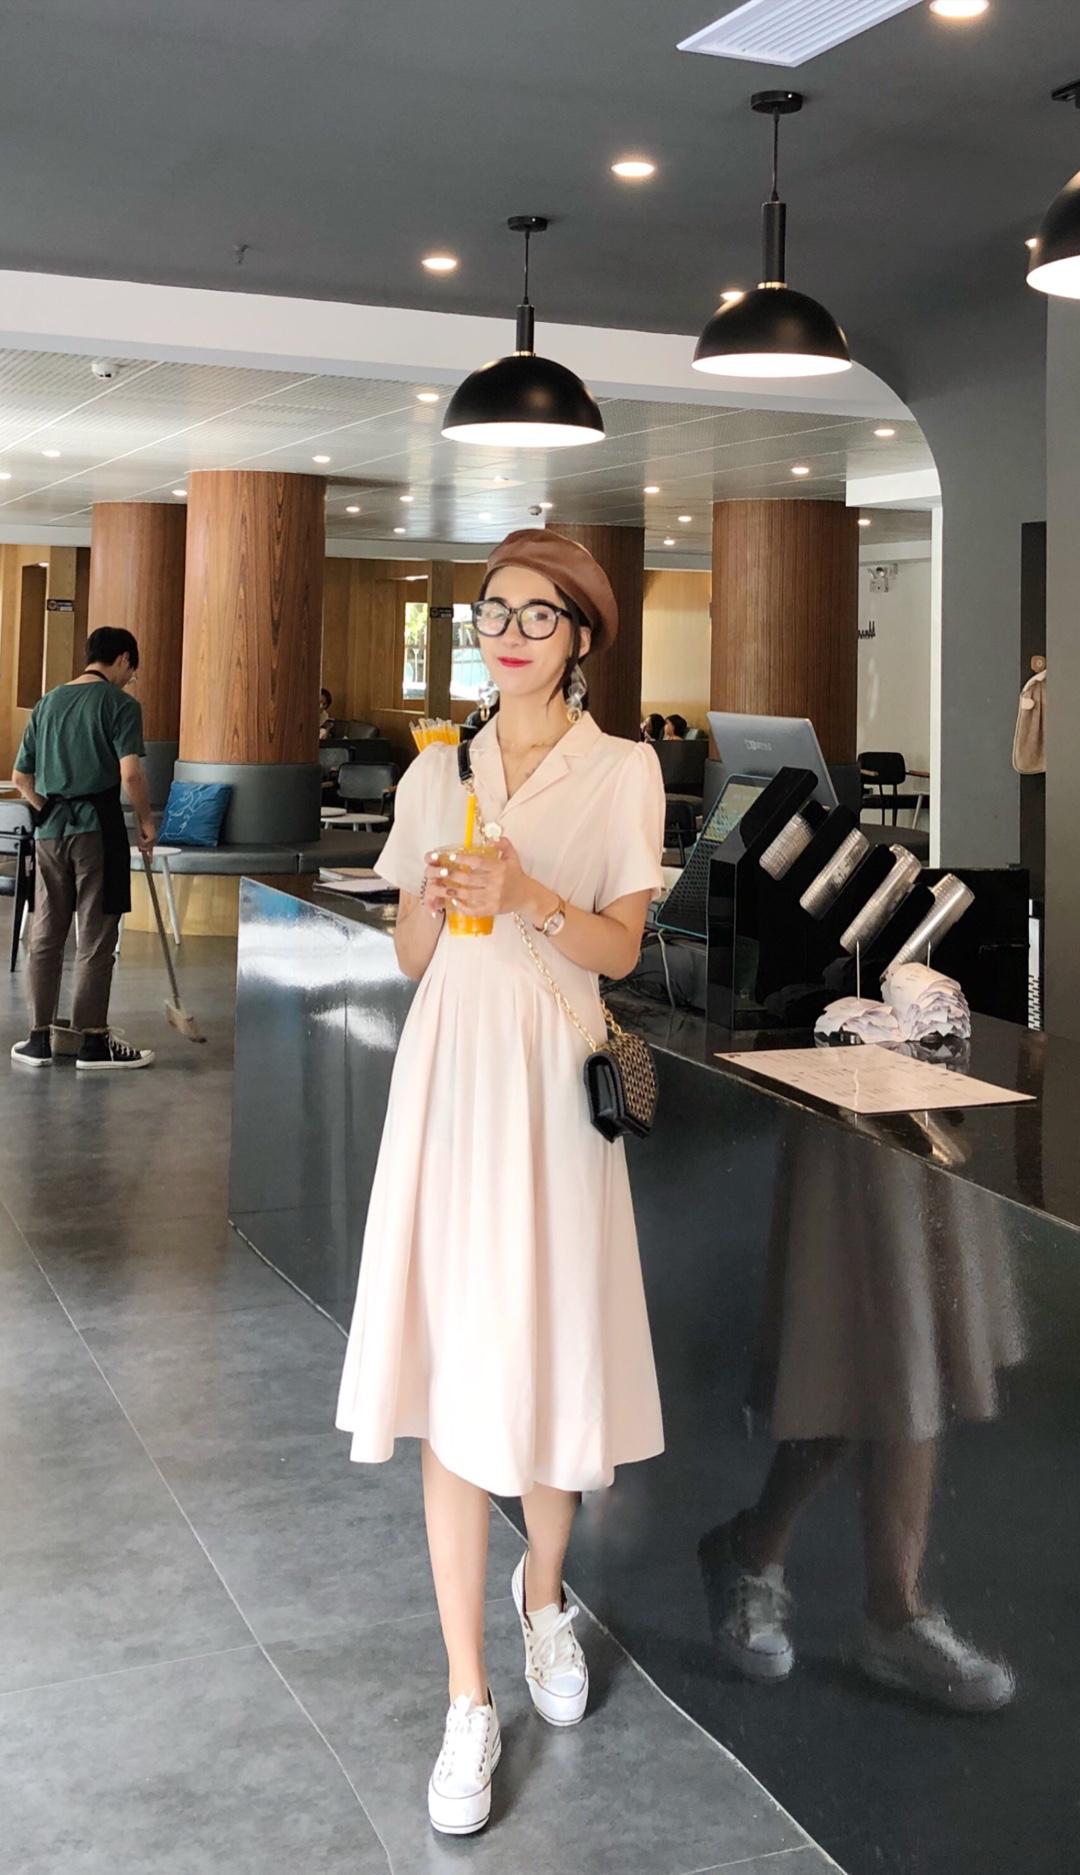 #七夕约会妆容在线教学!#气质小裙子来啦 韩风满满 超级温柔啊  关键是垂感很赞 走路带风哟 搭配简简单单小白鞋就够啦。